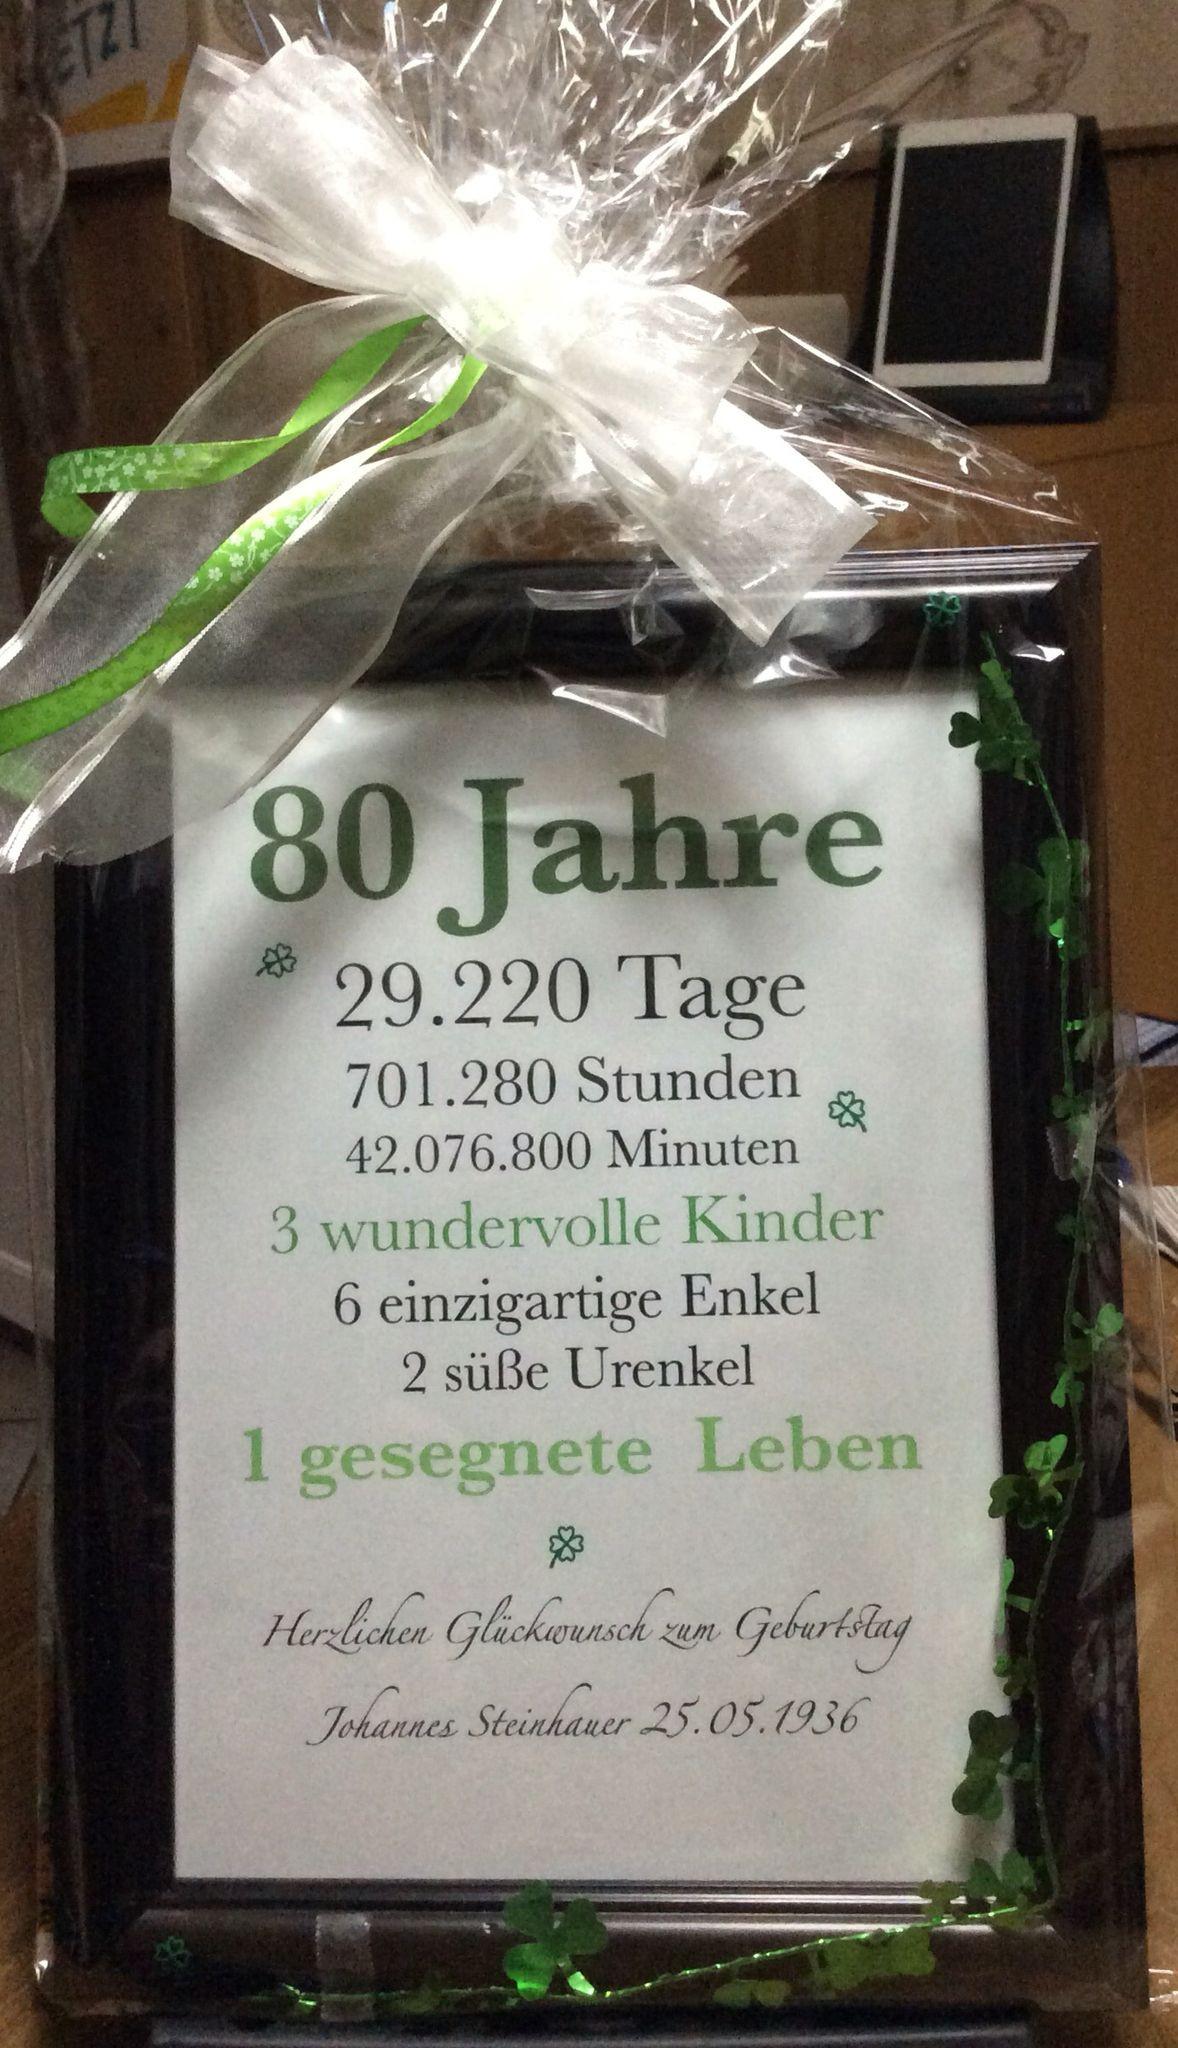 Geschenke Zum 80. Geburtstag Oma  Die besten 25 Zum 80 geburtstag Ideen auf Pinterest